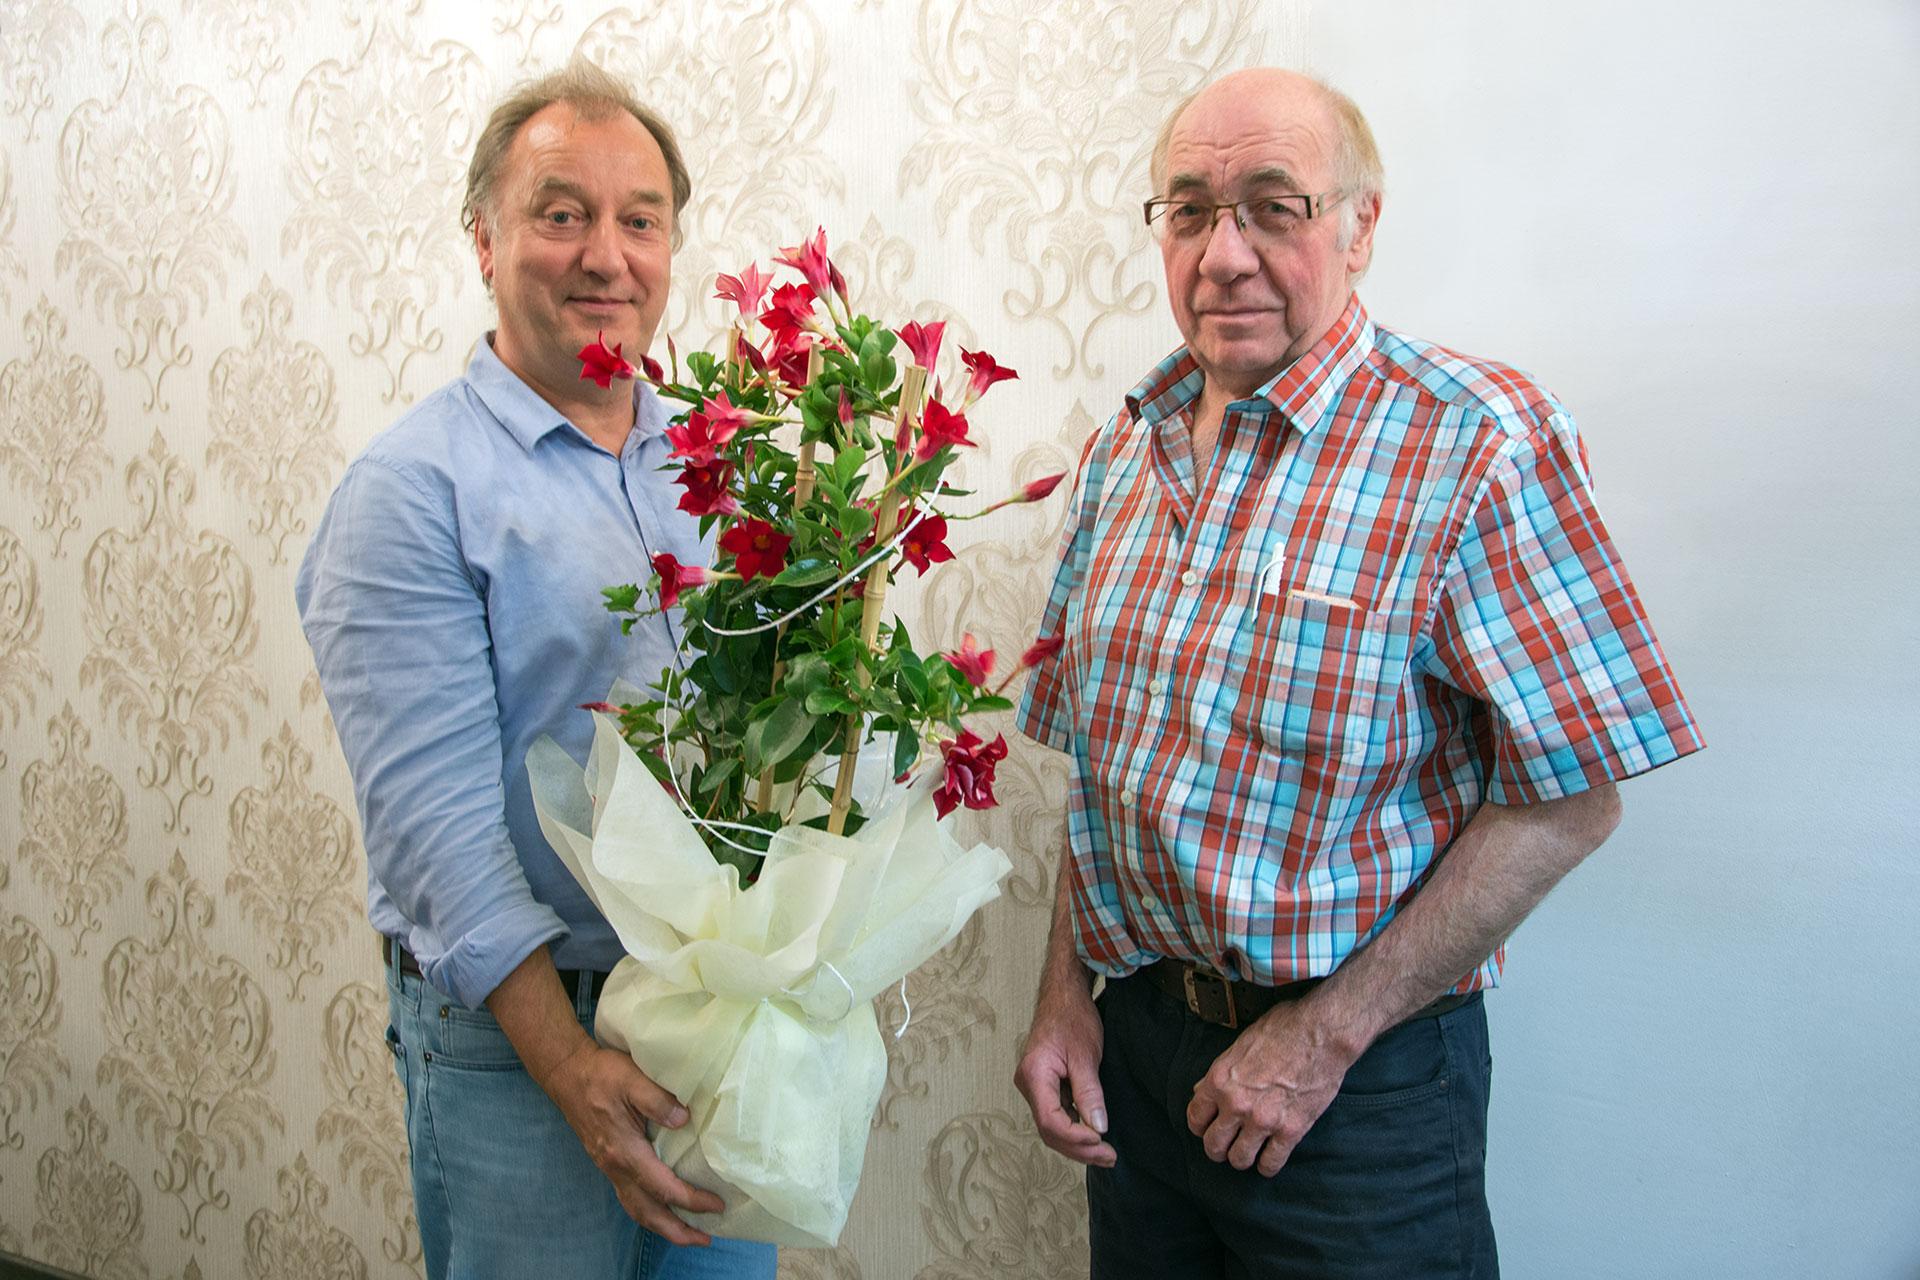 Wir gratulieren Bäckermeister Willi Bock zum 70. Geburtstag. Unser Vorsitzender Gunter Müller übergibt ein Präsent. Willi Bock ist seit über 50 Jahren Mitglied der SPD. Herzlichen Glückwunsch!